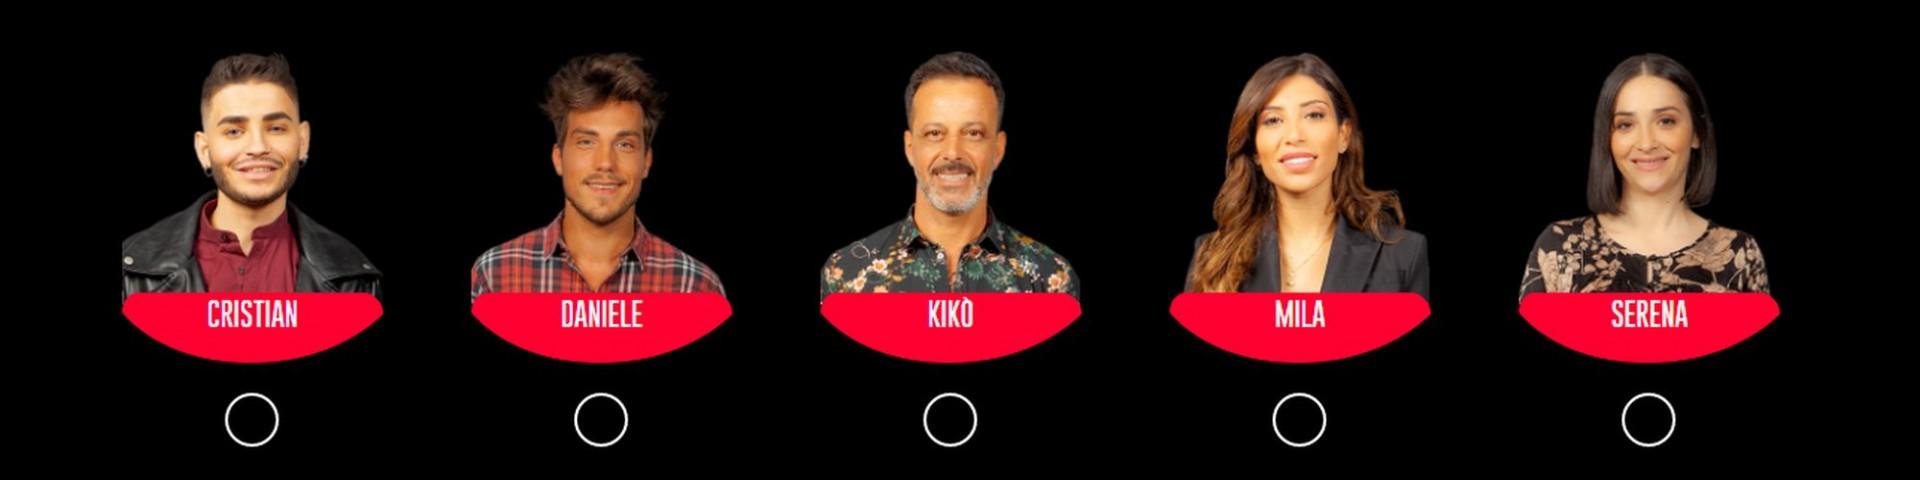 Eliminato quinta puntata Grande Fratello 2019: chi sarà?